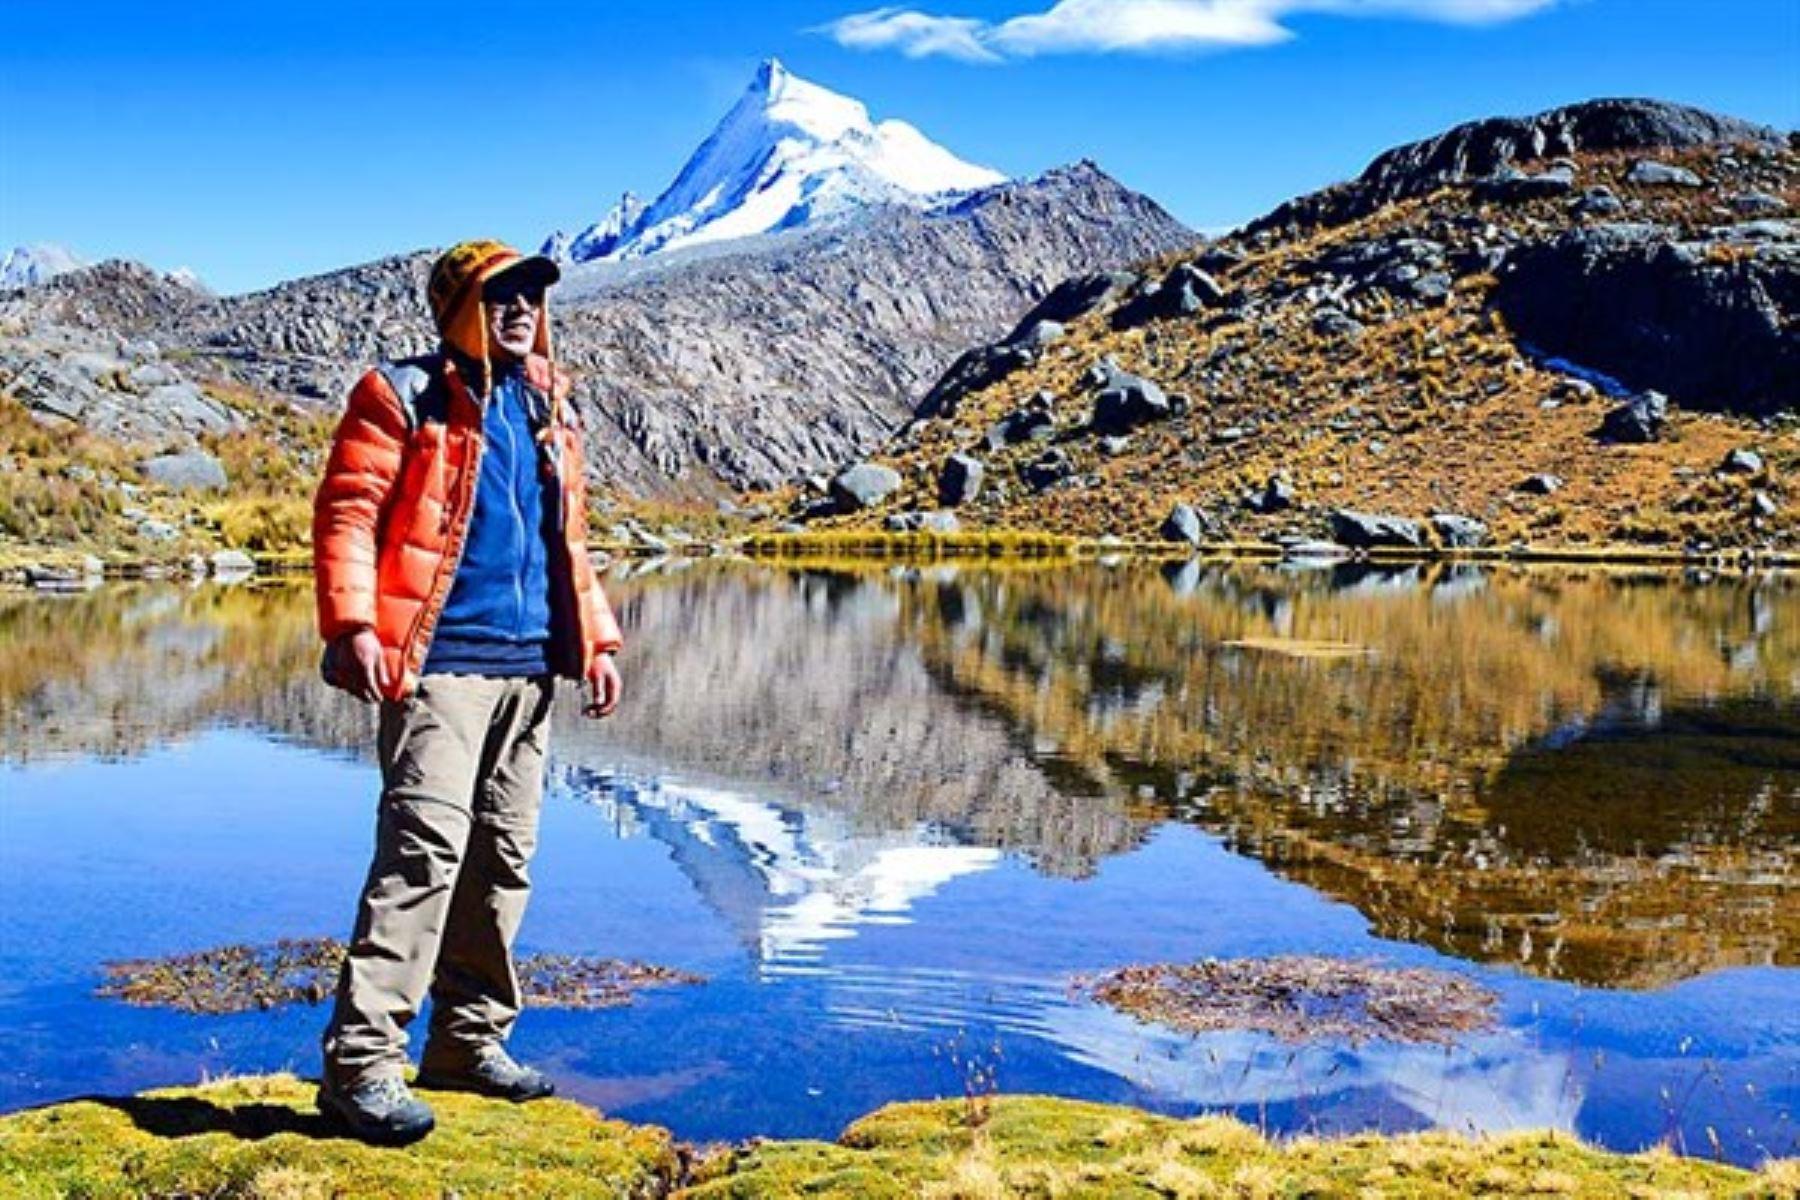 Óscar Vilca Gómez conoce todas las cordilleras del Perú, las que tienen glaciares y las que no, las caracterizadas por volcanes que recorren parte del territorio de Moquegua y Tacna, o las alimentadas por las lluvias en sus cúspides.